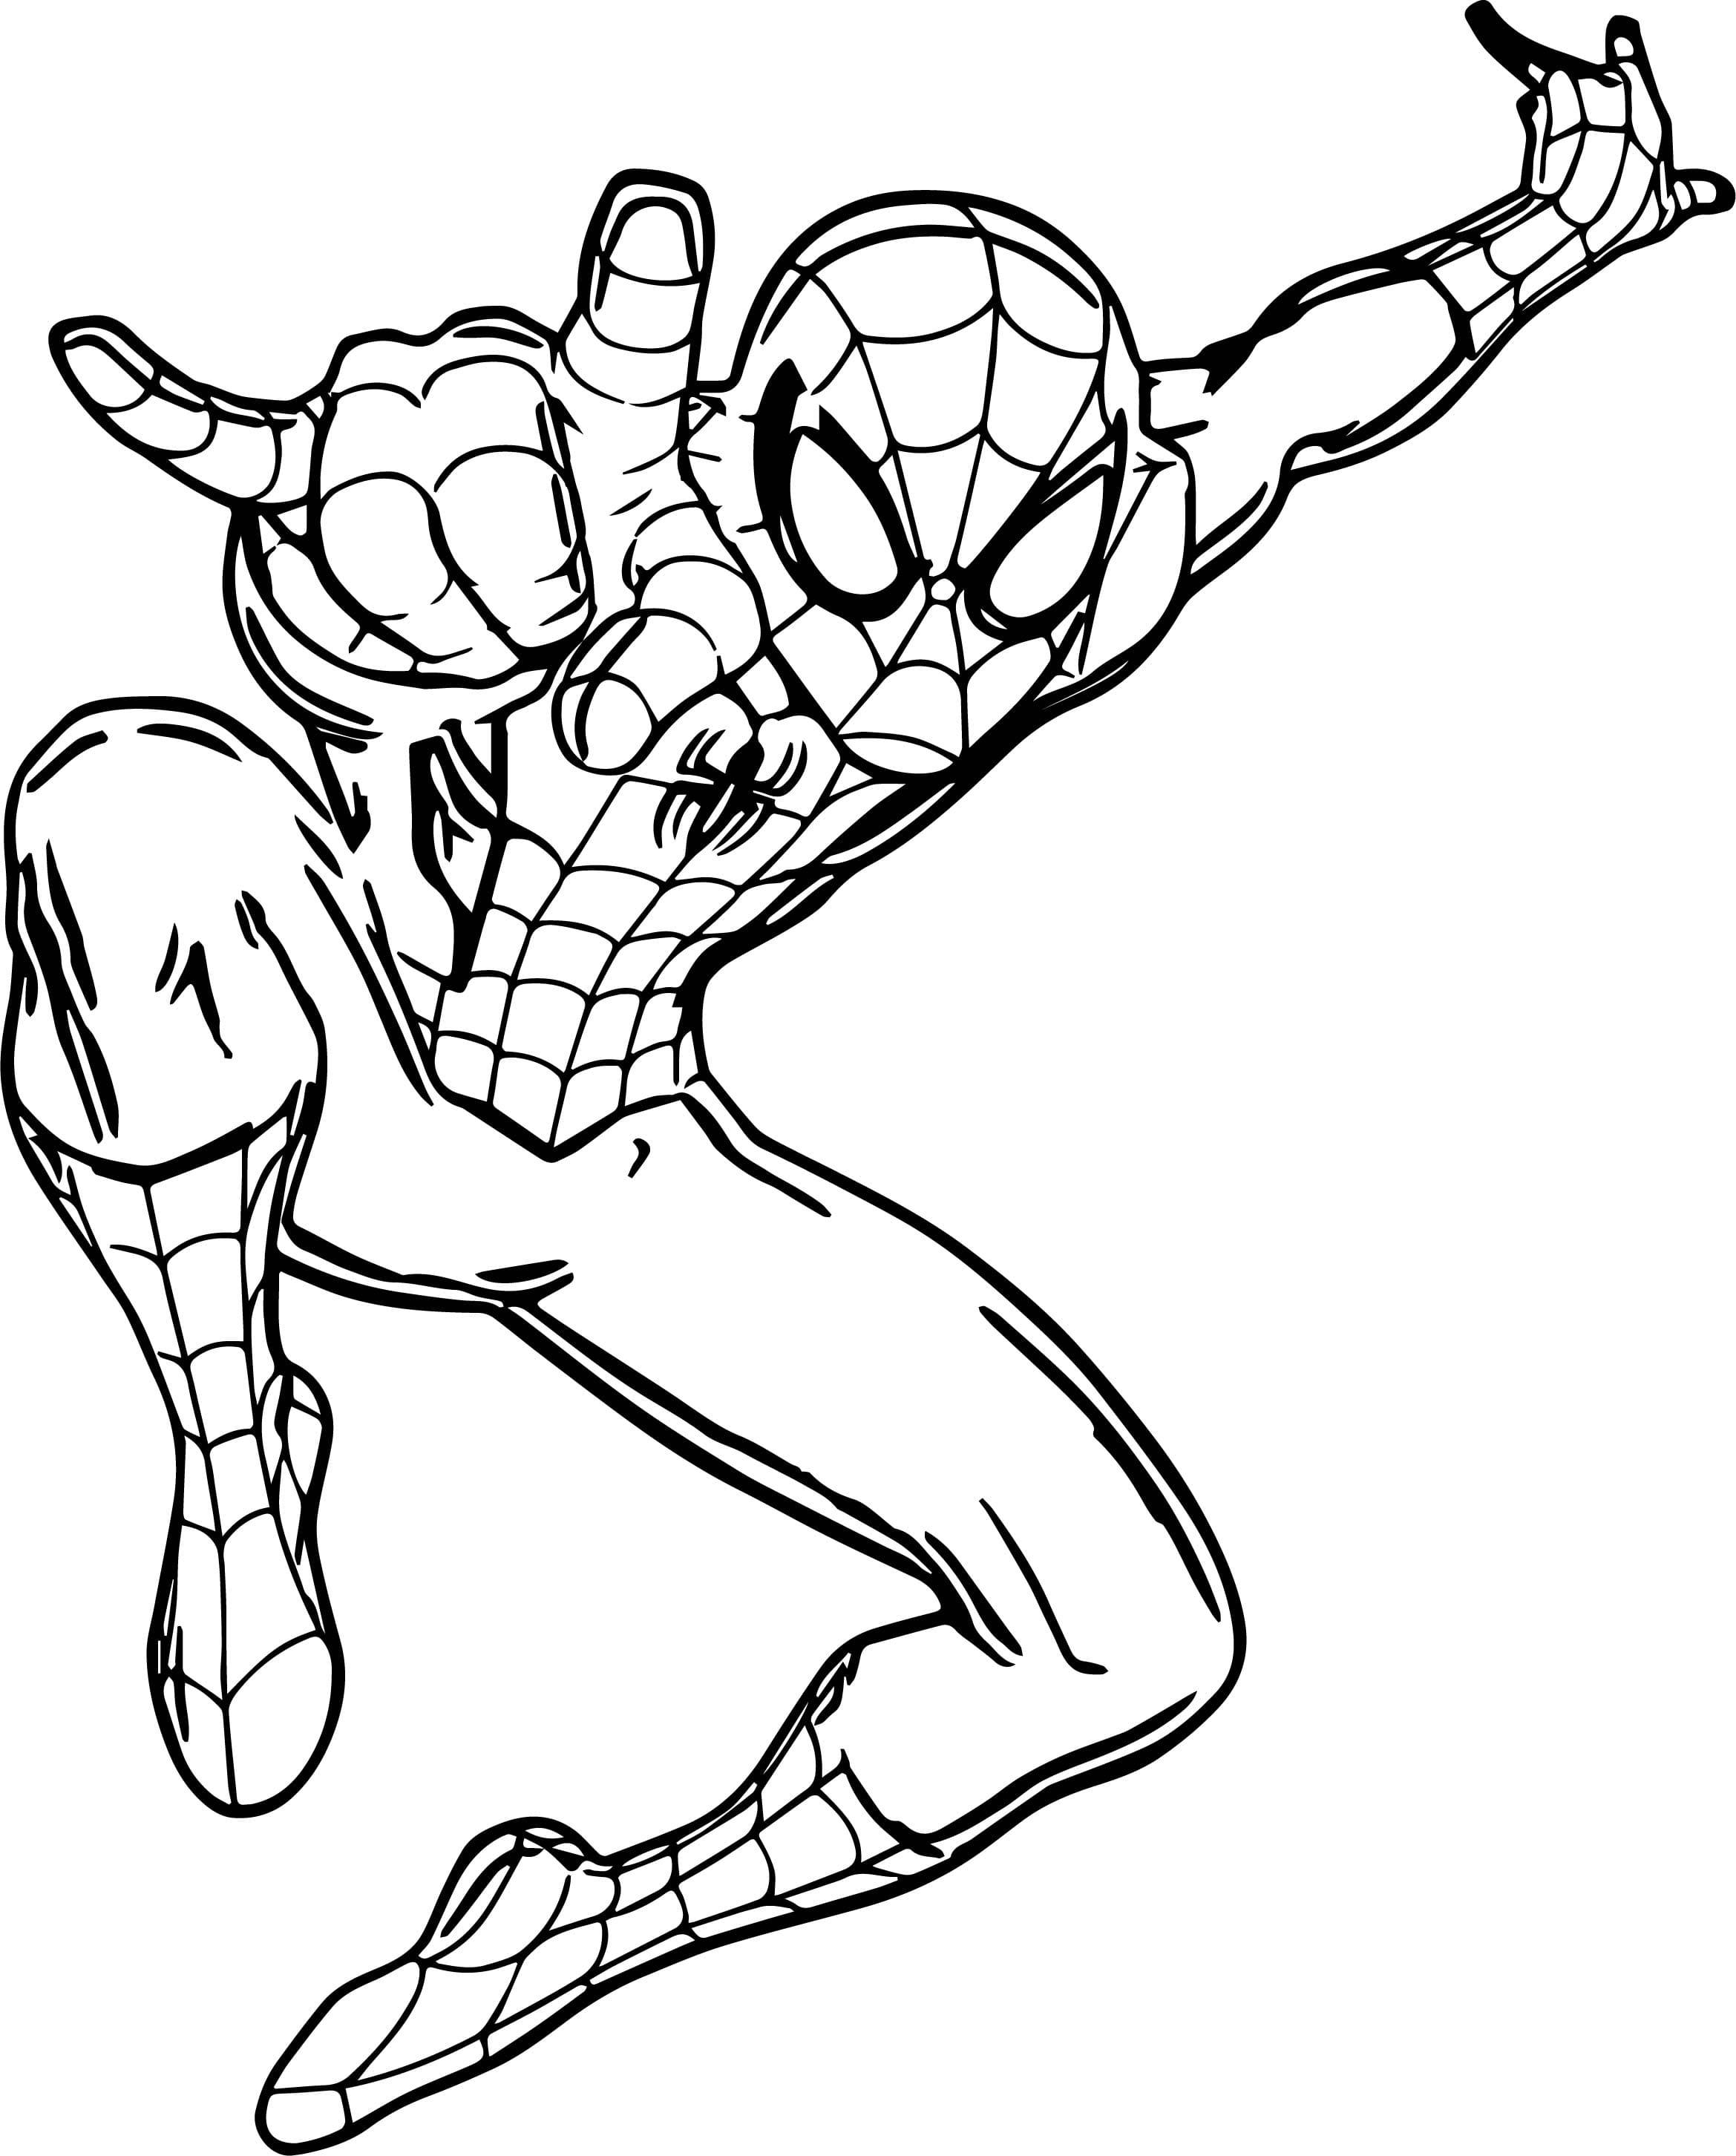 Раскраски Человека-паука для мальчиков. Распечатайте онлайн!